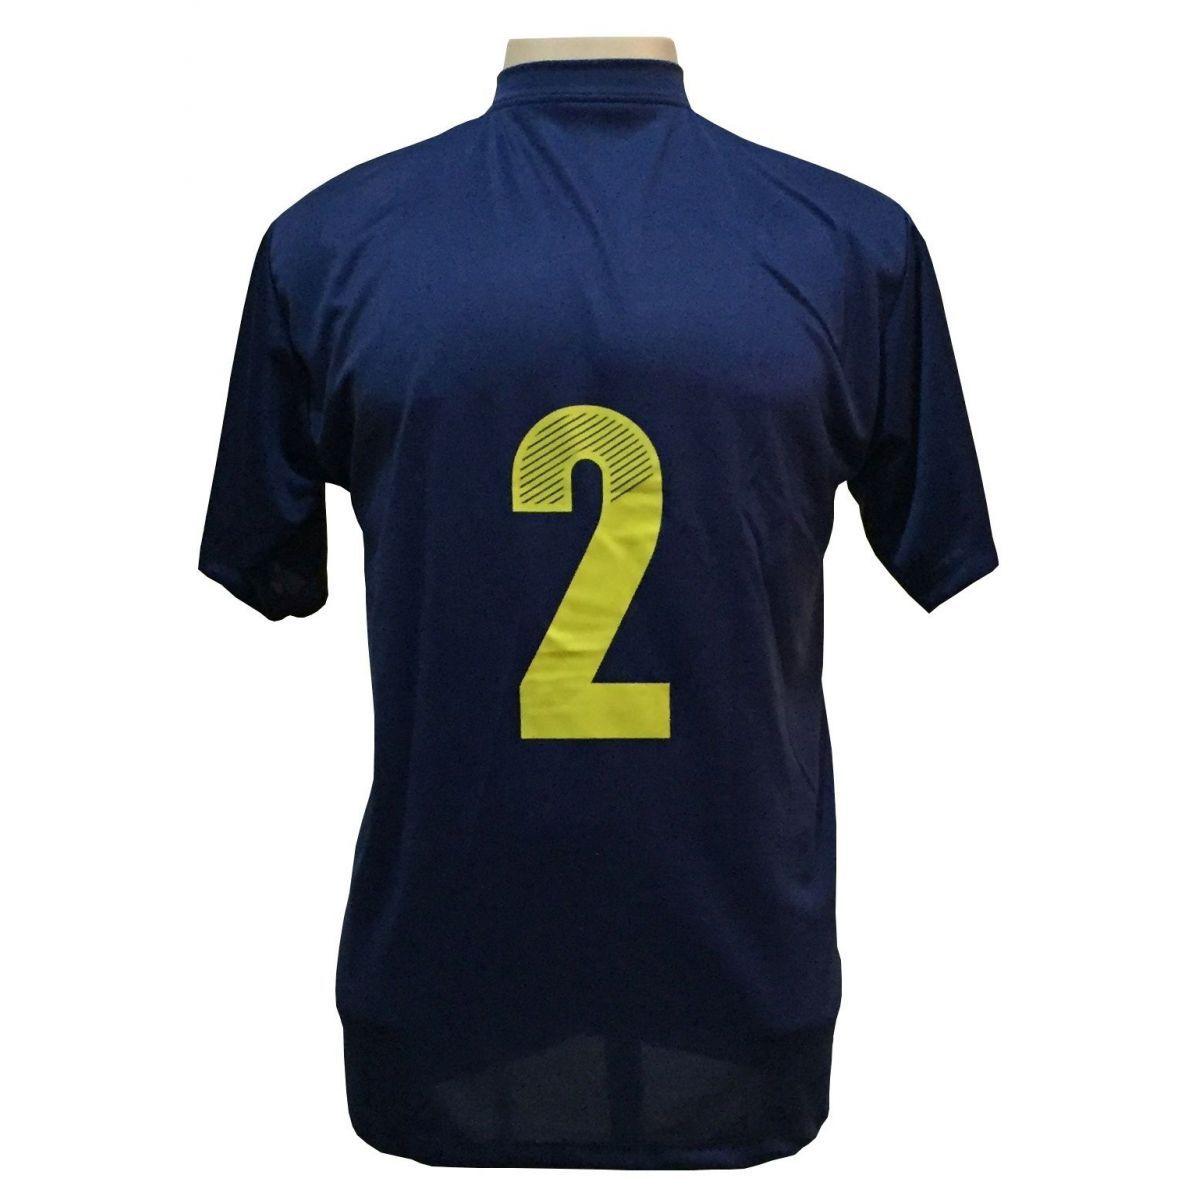 Jogo de Camisa com 14 unidades modelo Boca Juniors Marinho/Amarelo + 1 Camisa de Goleiro  - ESTAÇÃO DO ESPORTE